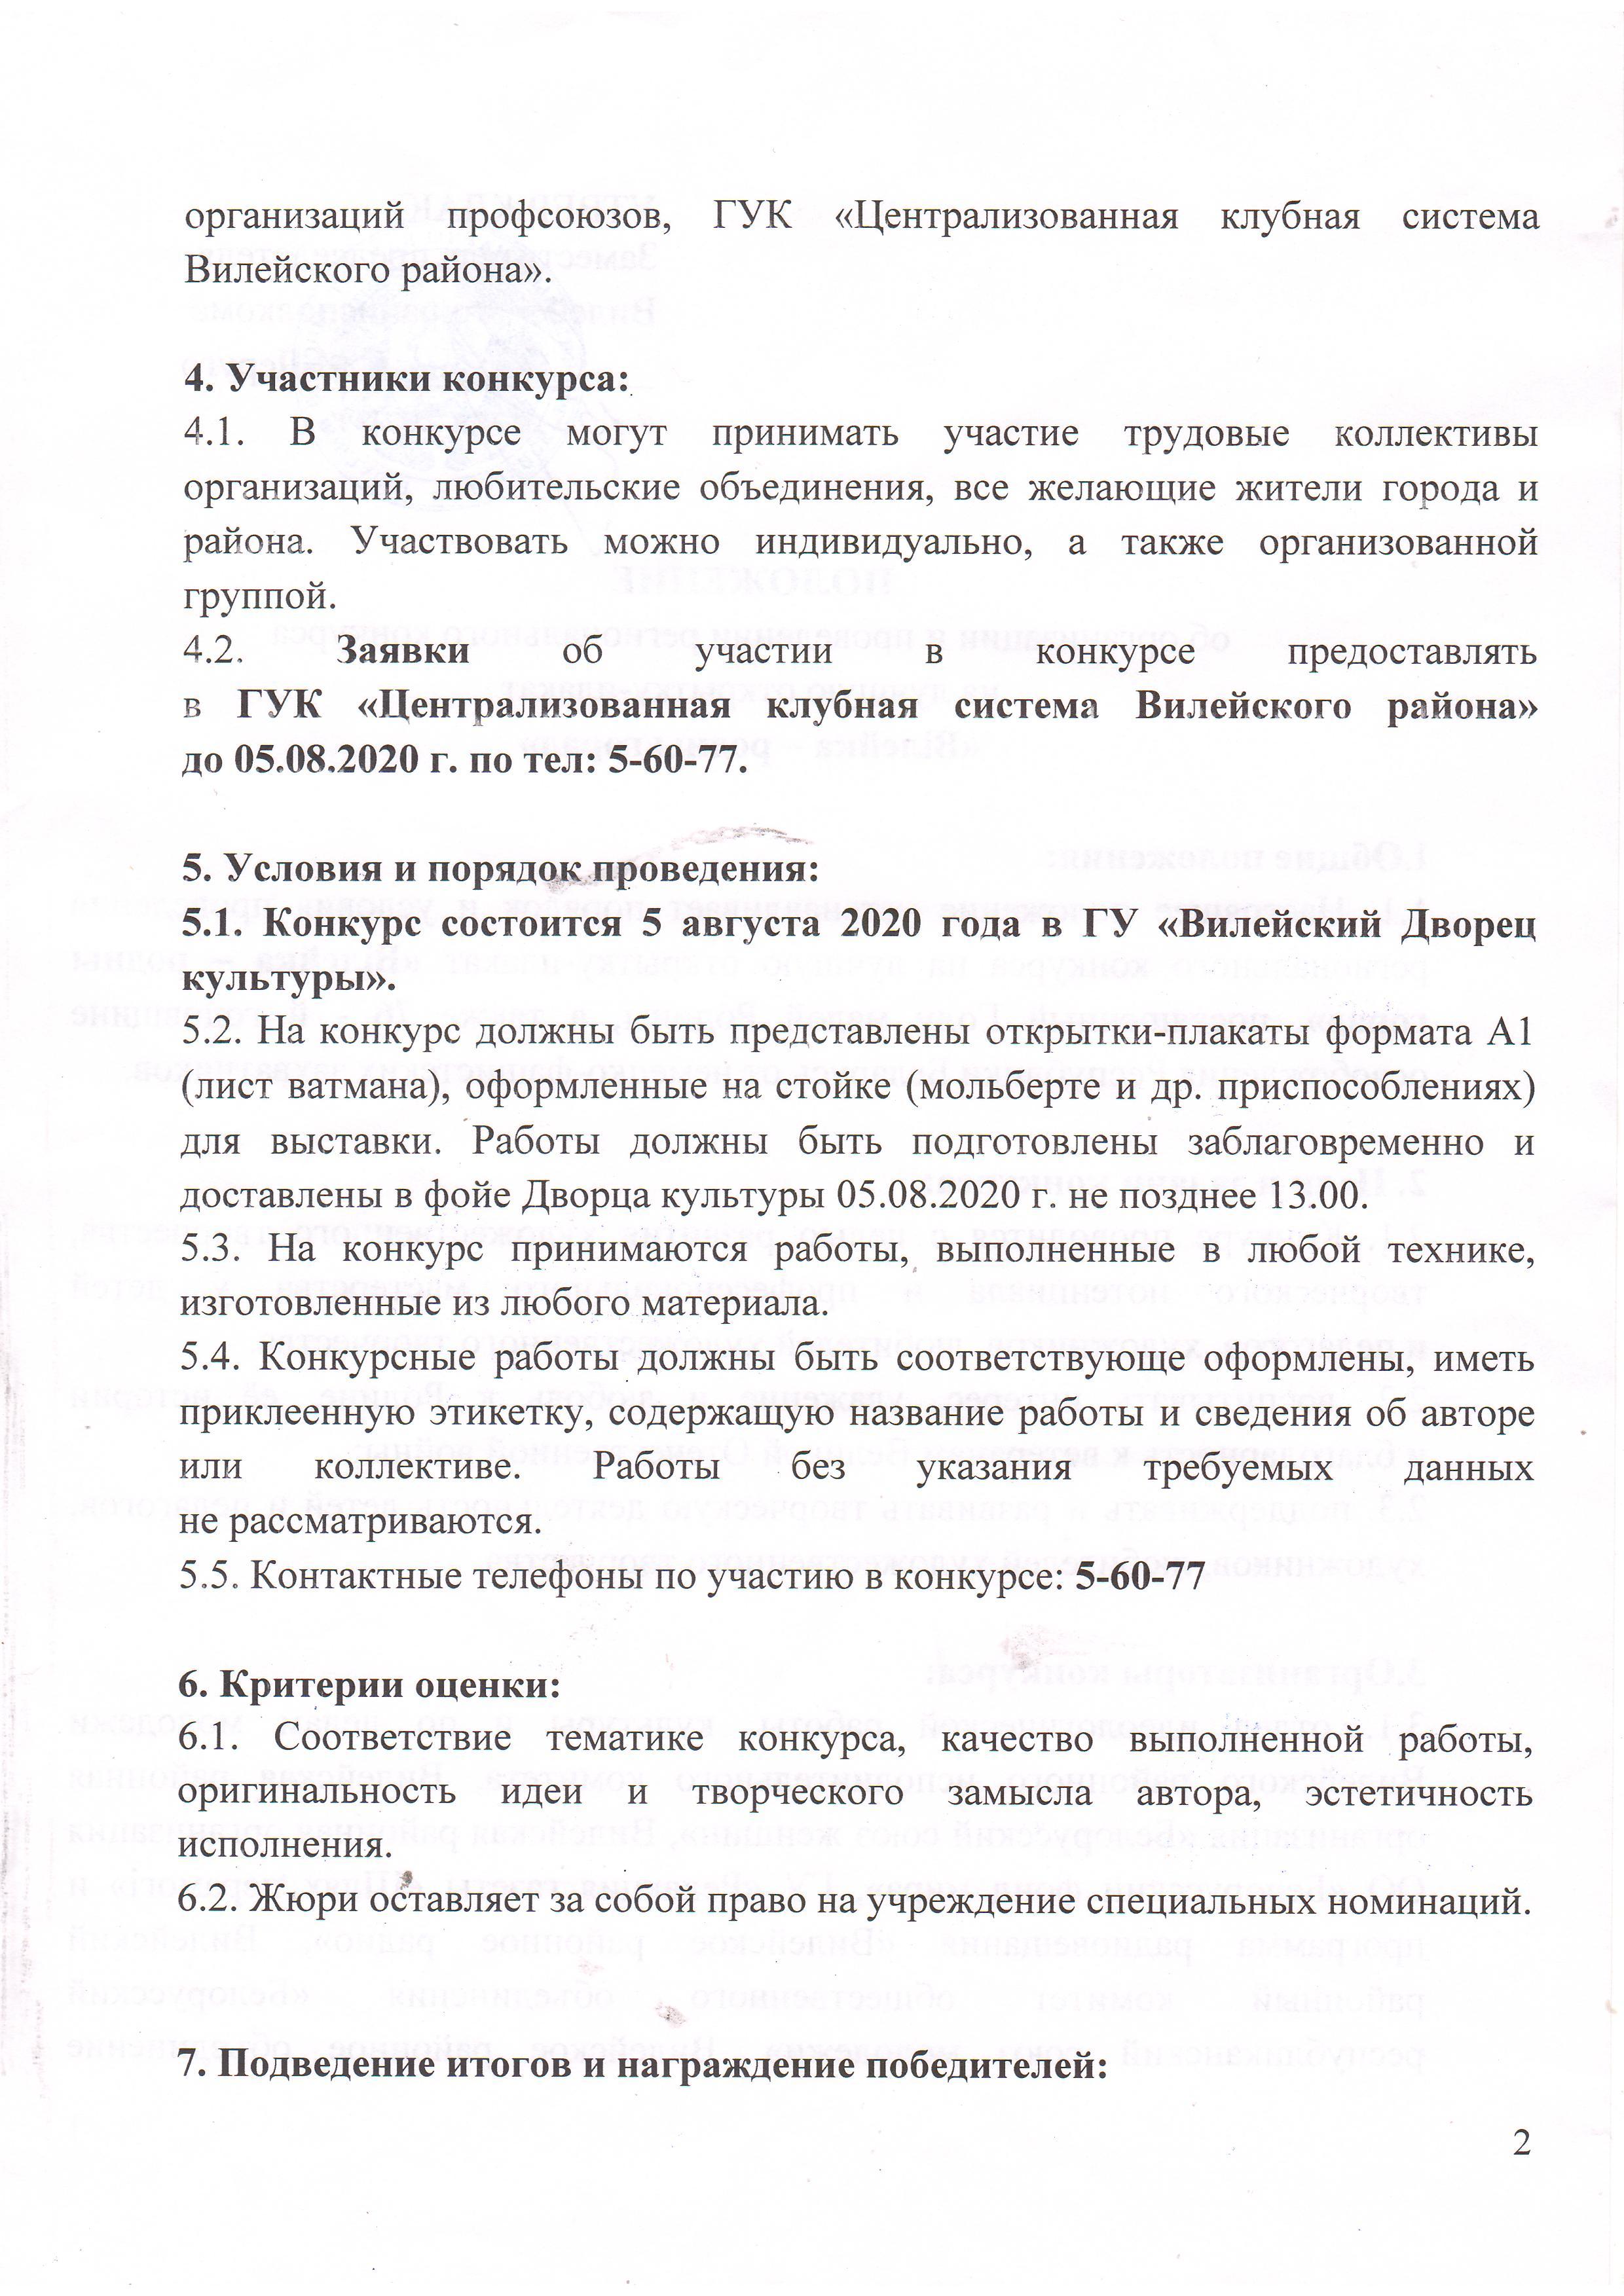 ПОЛОЖЕНИЕ - 0002